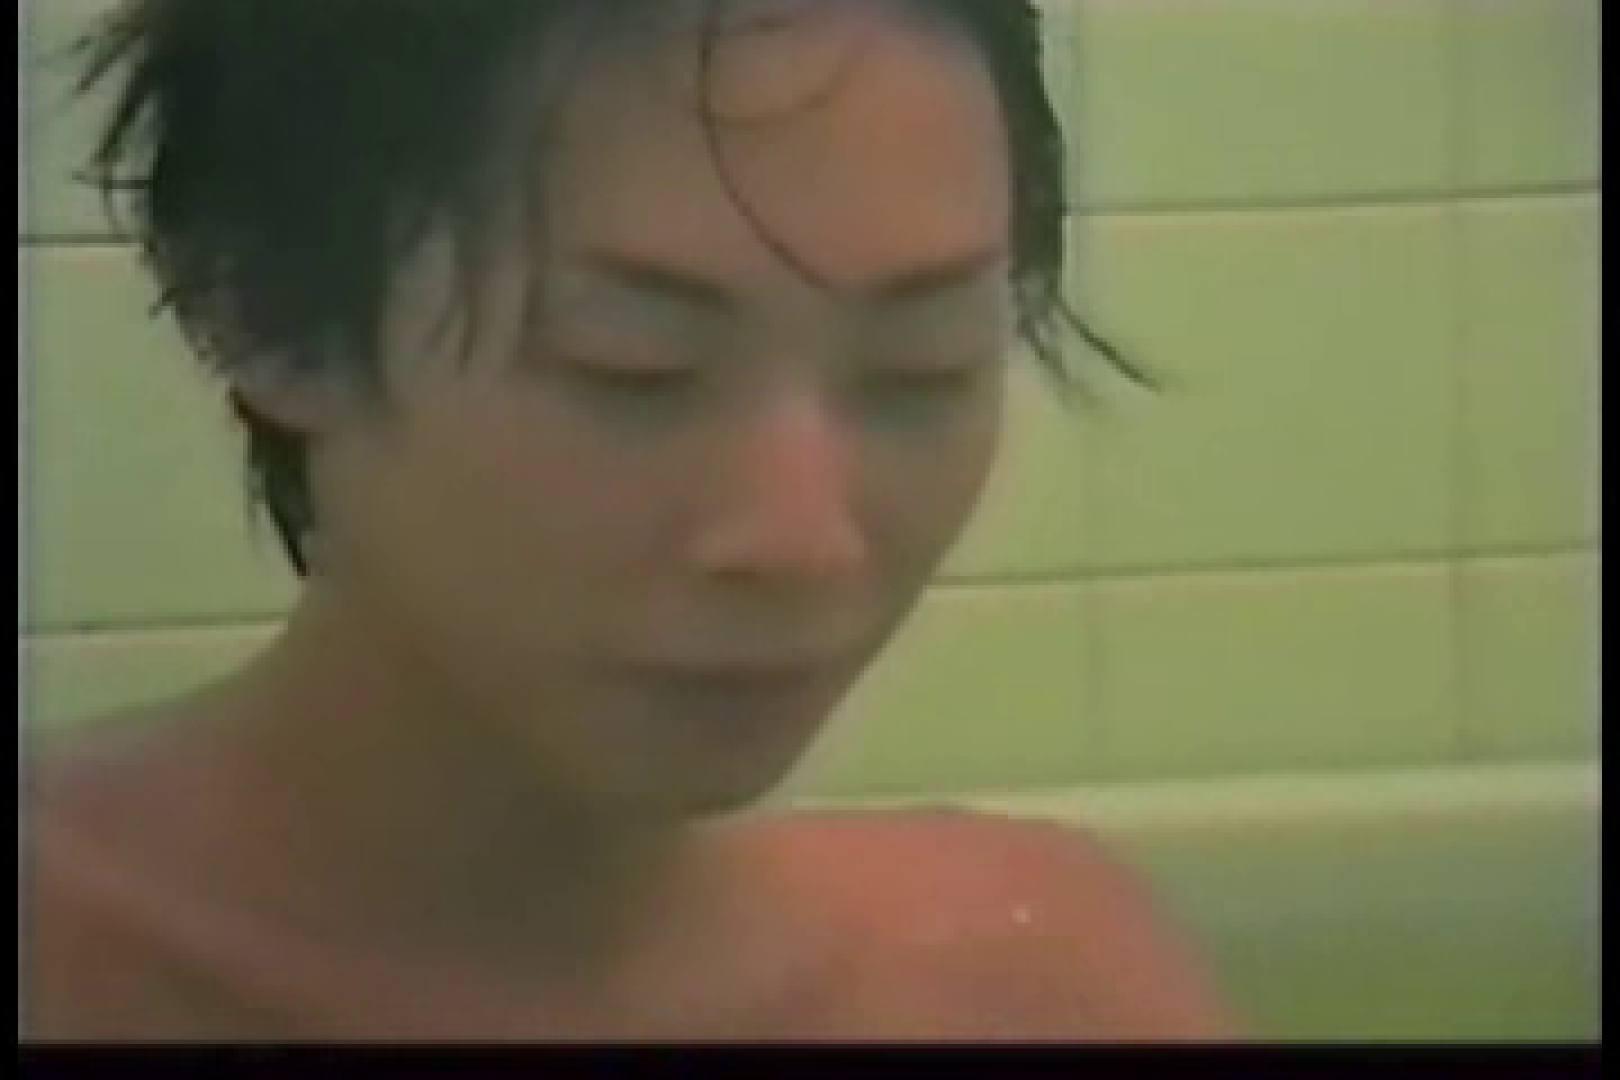 【個人製作】若き男子たちのジャム遊び お口で! ゲイエロ動画 65pic 4